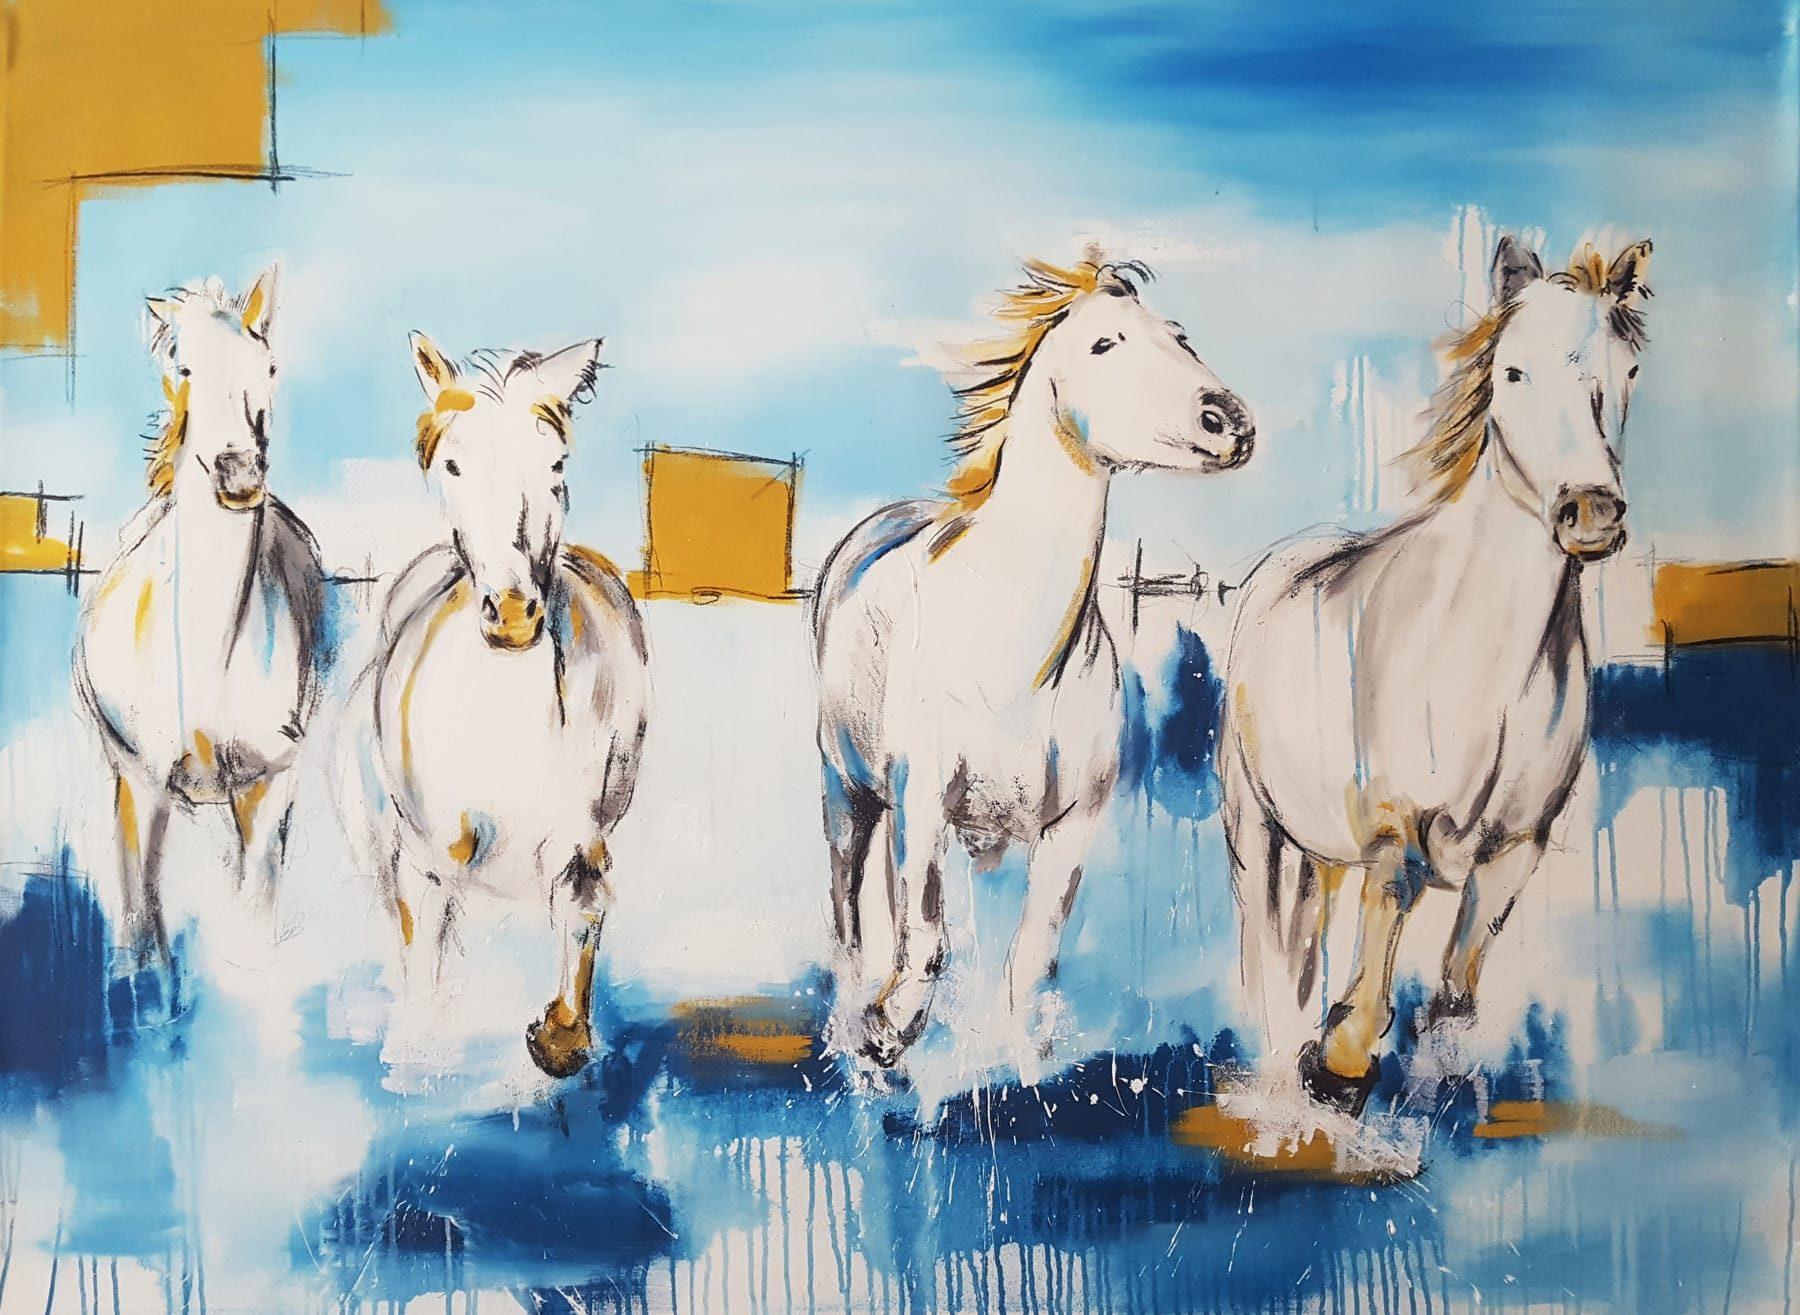 Horse2 Full Web Abstrakte Bilder Original Gemälde Malerei Kunst